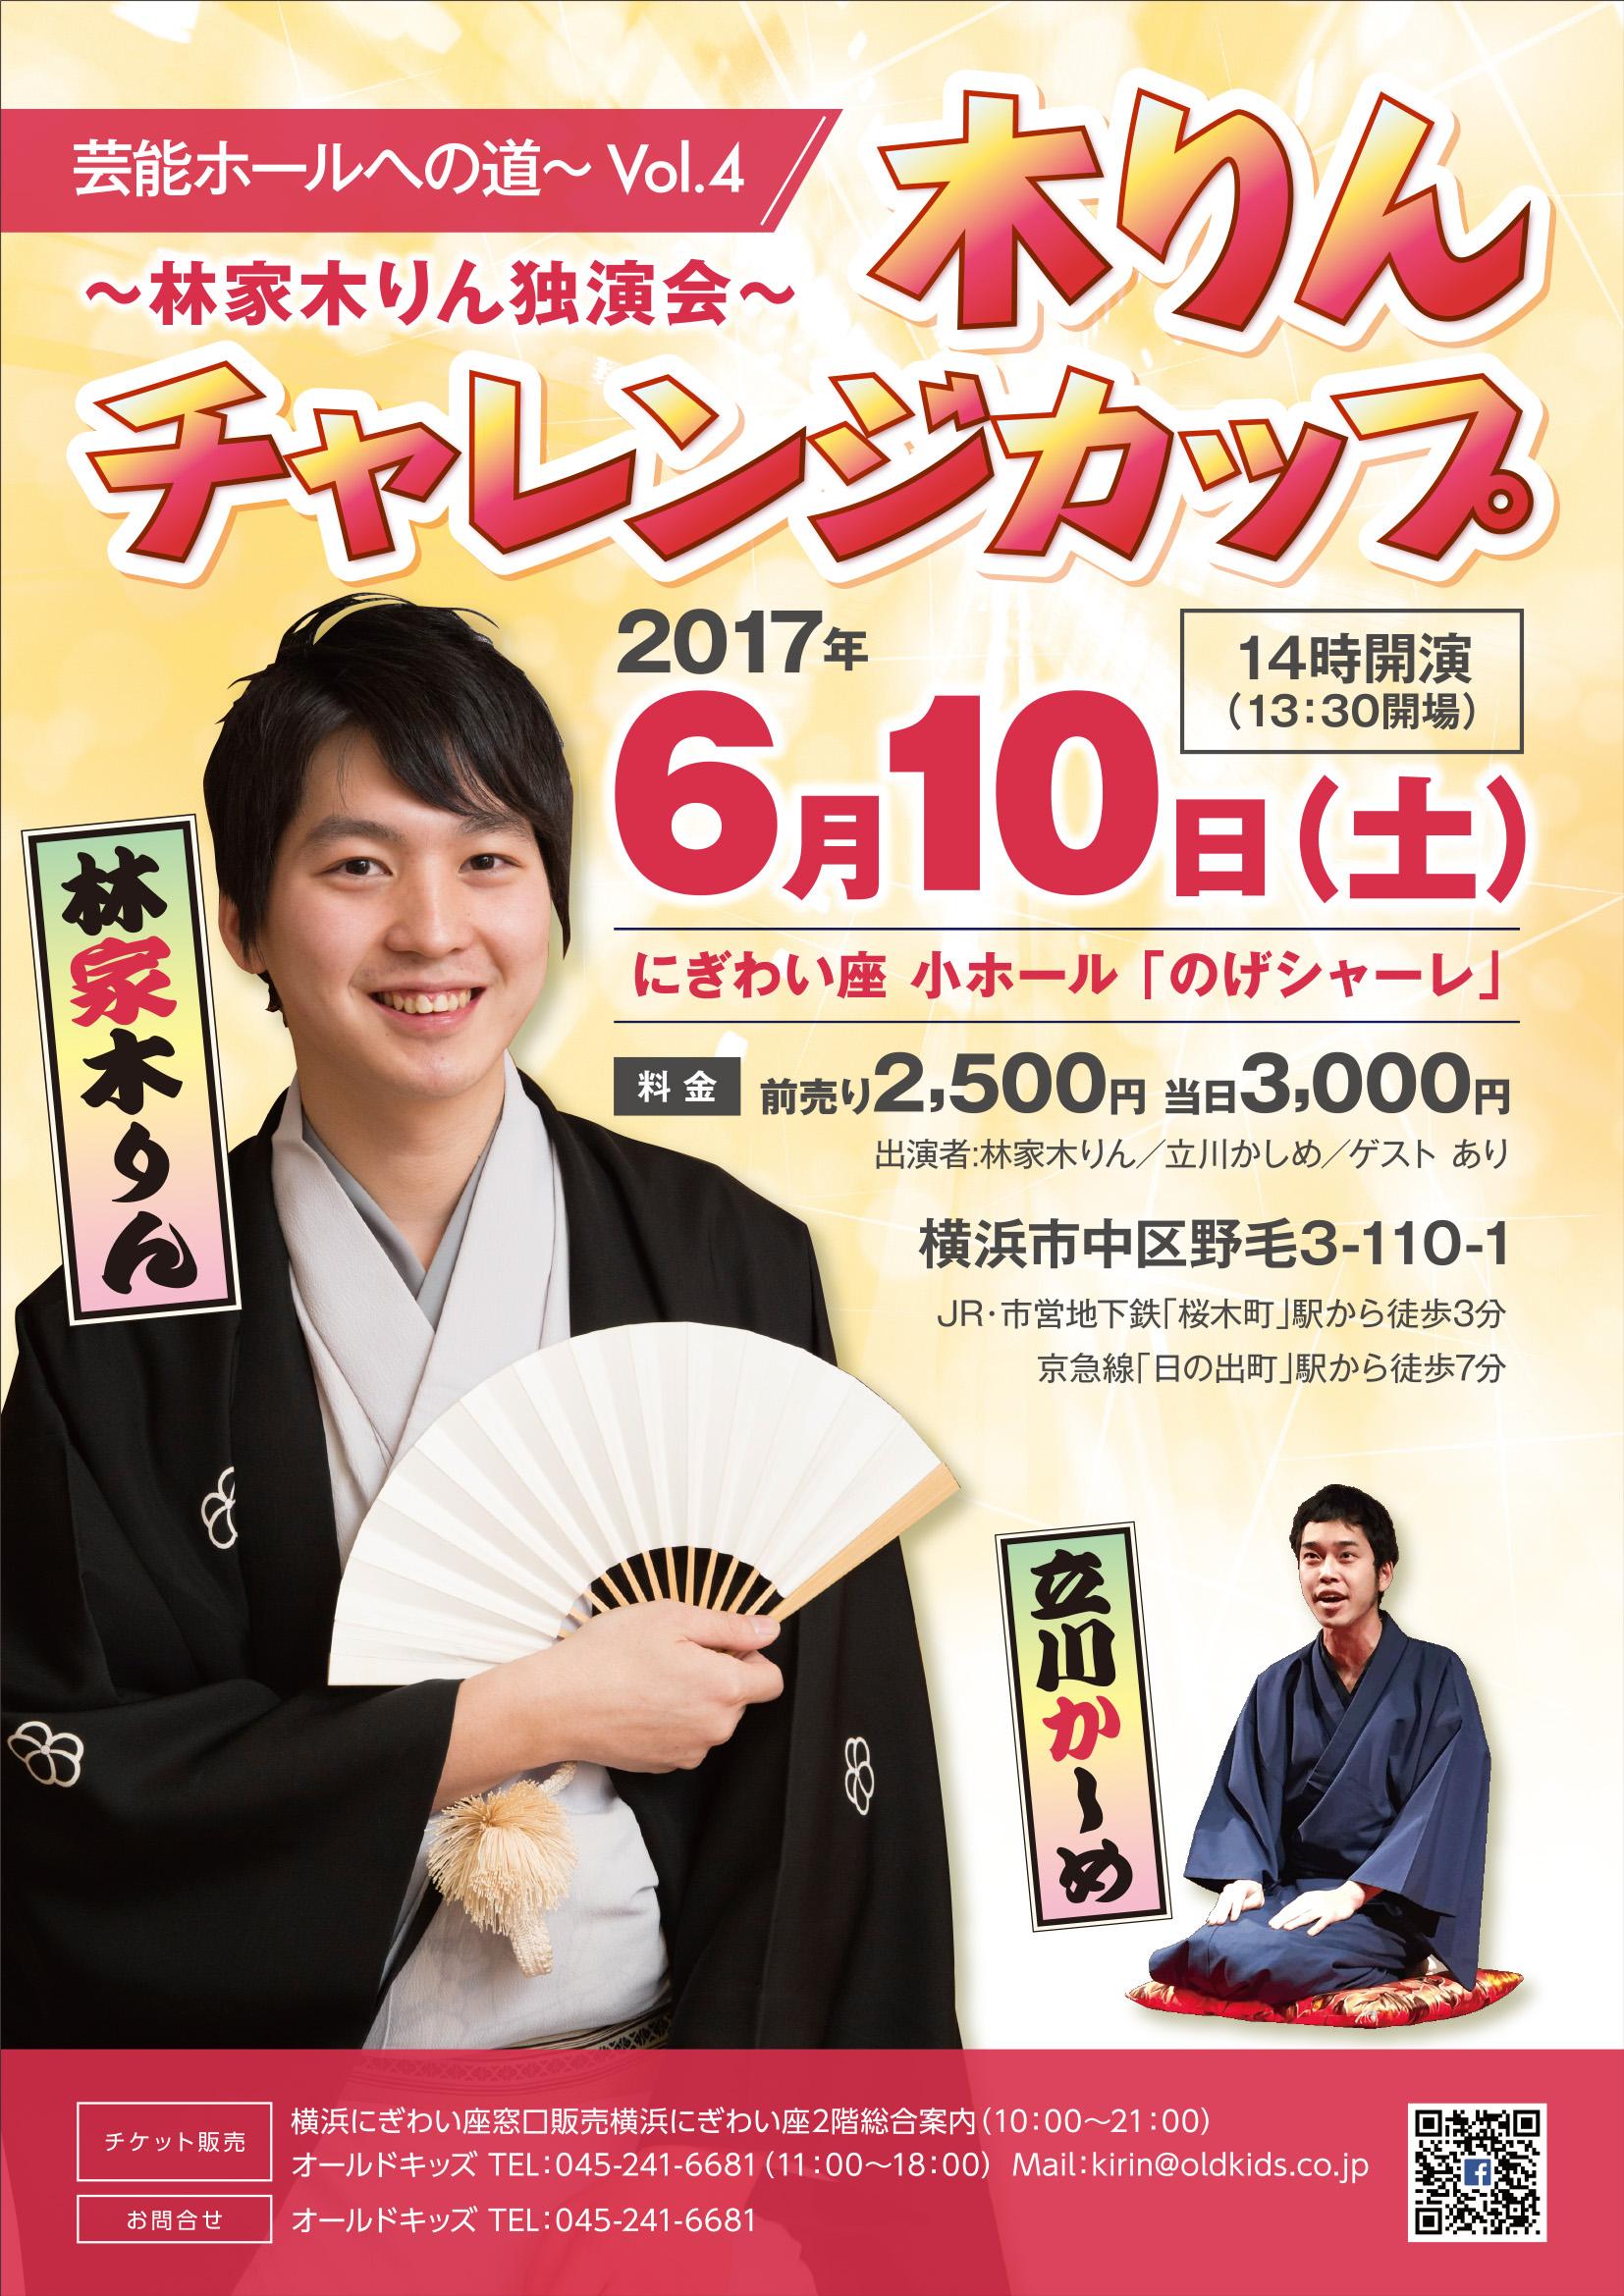 林家木りんチャレンジカップ独演会~芸能ホールへの道~Vol.4